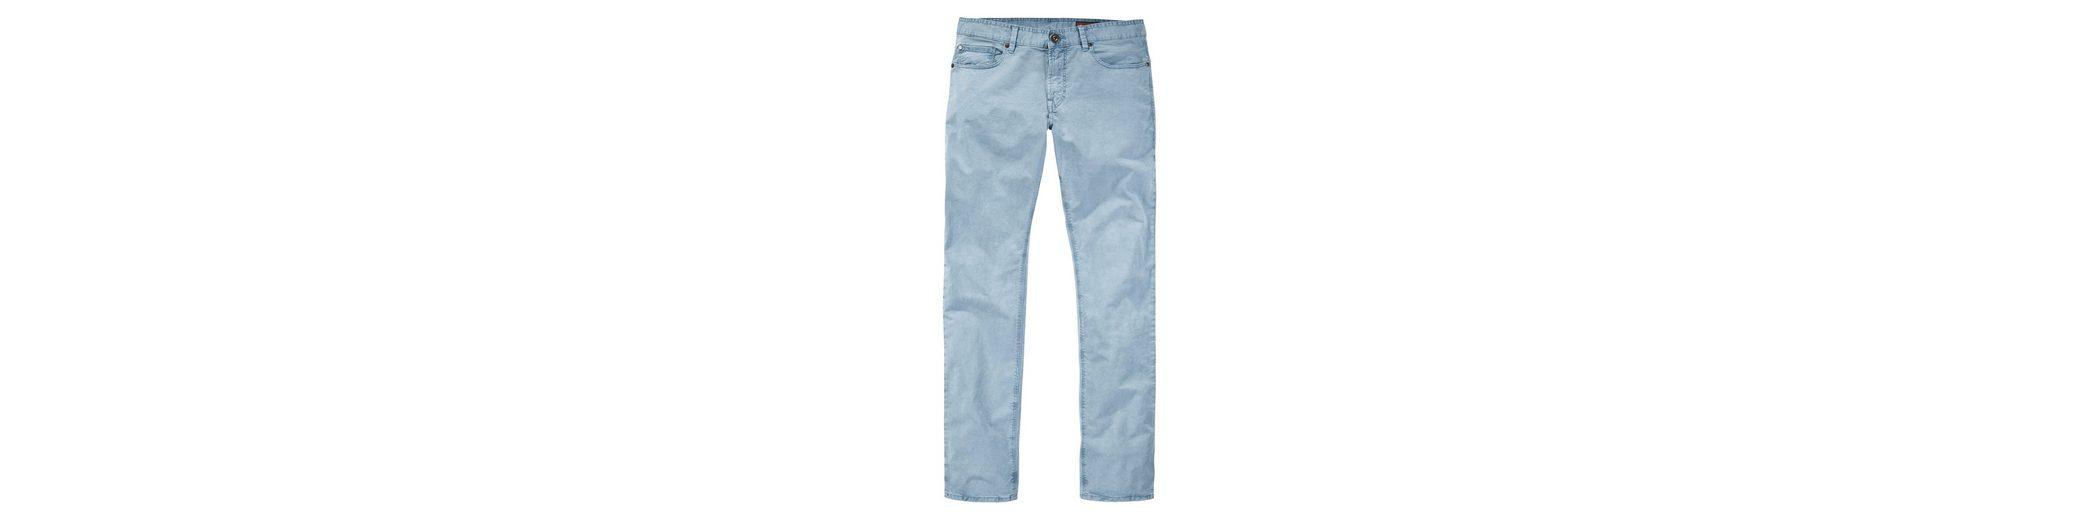 Freiheit In Deutschland PADDOCK'S Stretch Jeans JASON Mehrfarbig Finish Zum Verkauf 100% Garantiert FFuEN